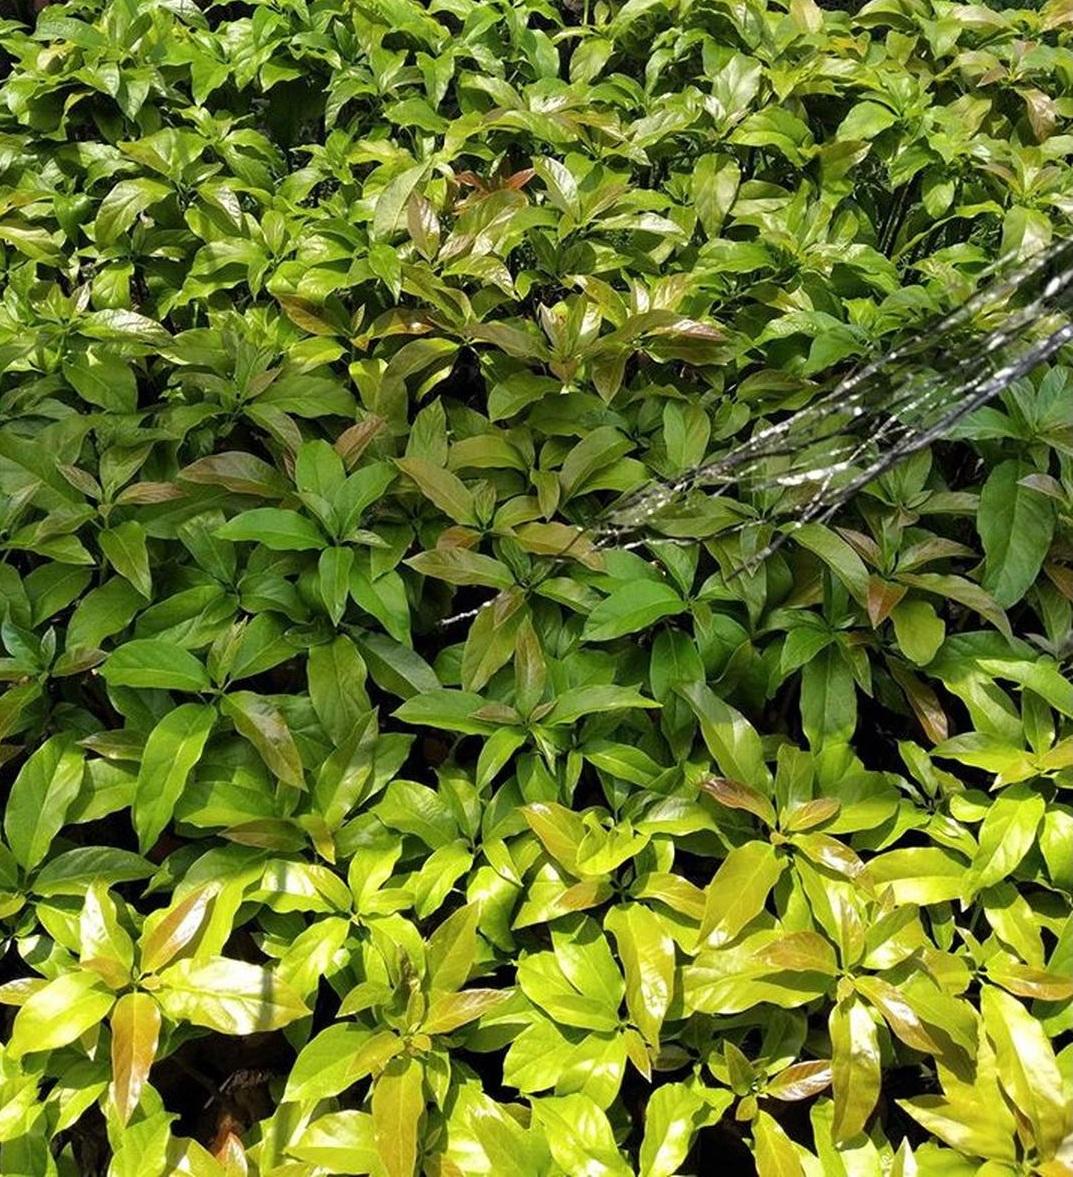 Jaminan Mutu! New Bibit unggul alpukat wina okulasi cepat buah Kota Bekasi #bibit buah genjah